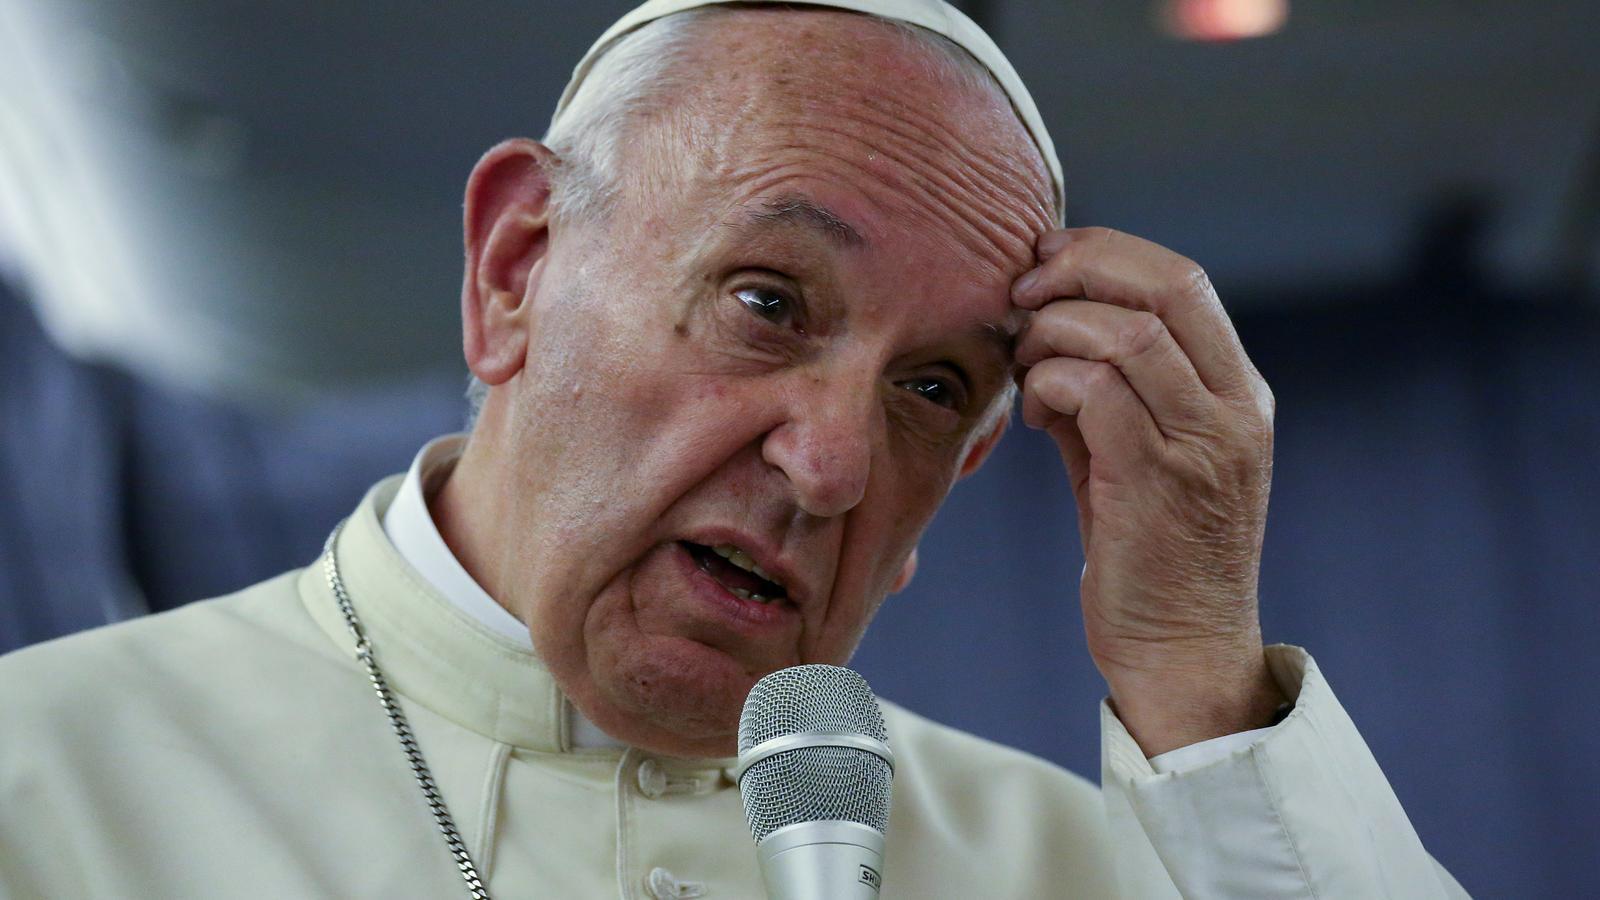 El papa Francesc, en un moment de la roda de premsa celebrada dins l'avió papal, aquest dilluns